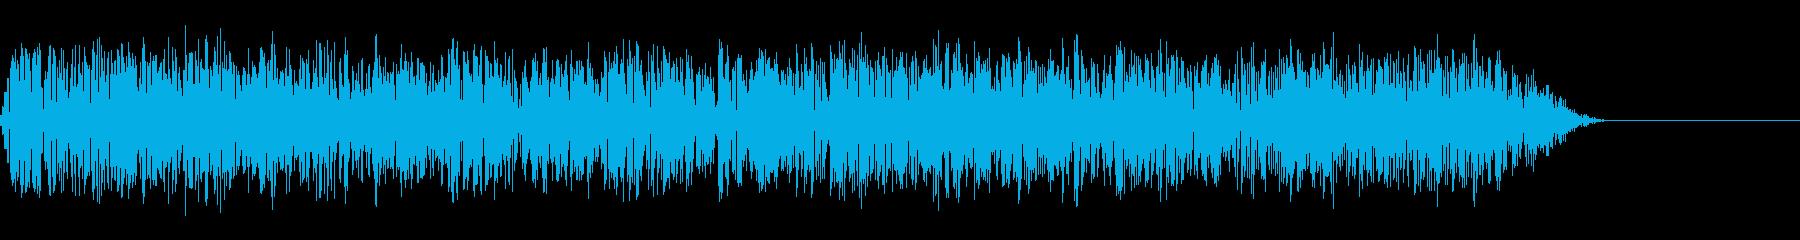 ゴー(ノイズ,衝撃,嵐,爆風,爆弾の再生済みの波形